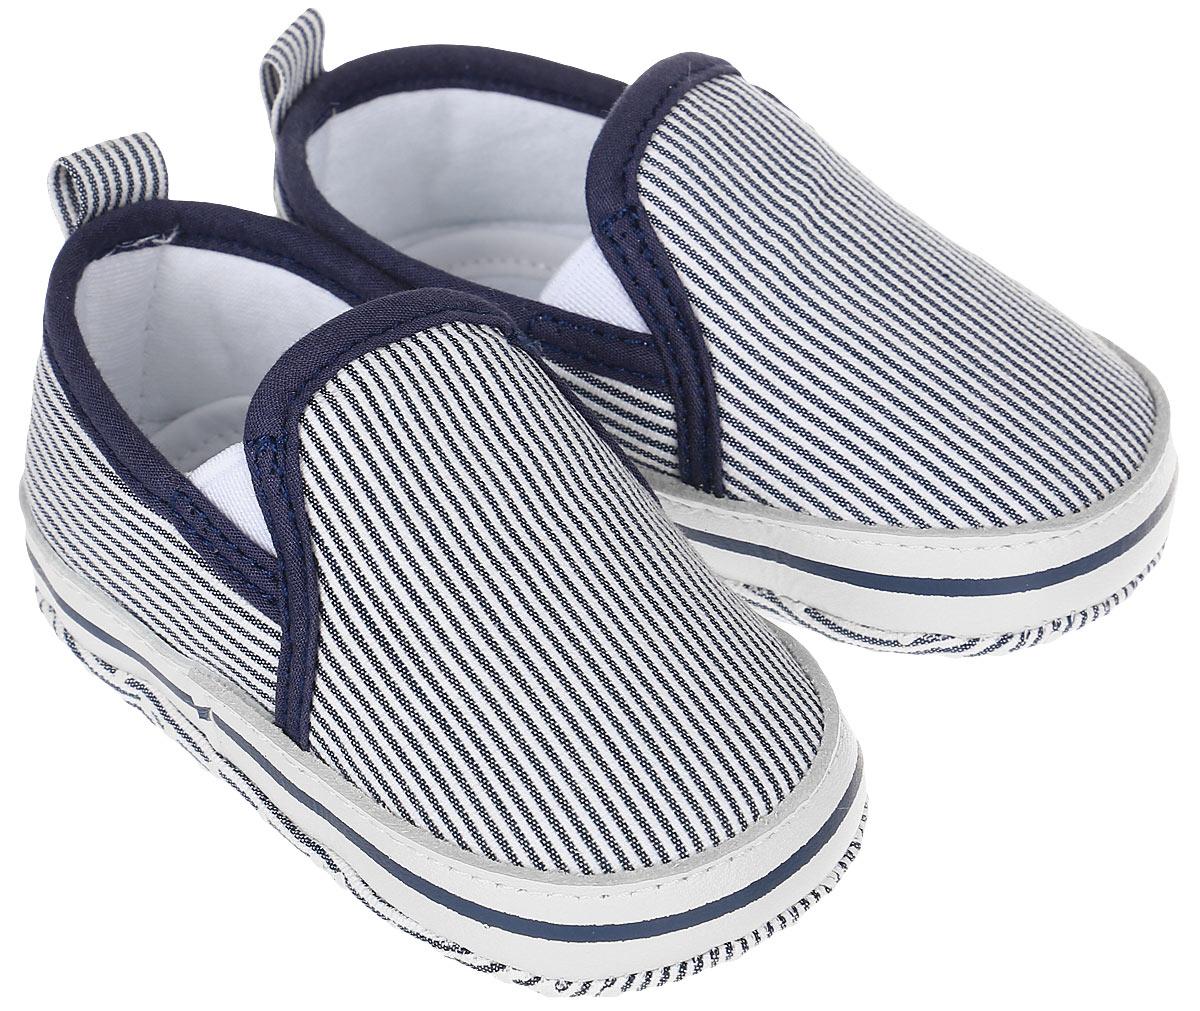 Пинетки для мальчика Kapika, цвет: синий, белый. 10130. Размер 1610130Стильные и модные пинетки для мальчика в виде слипонов от Kapika выполнены из хлопкового текстиля. Модель по бокам дополнена эластичной резинкой, которая надежно фиксирует пинетки на ножке ребенка и позволяет регулировать их объем.Удобные детские пинетки станут любимой обувью вашего ребенка.